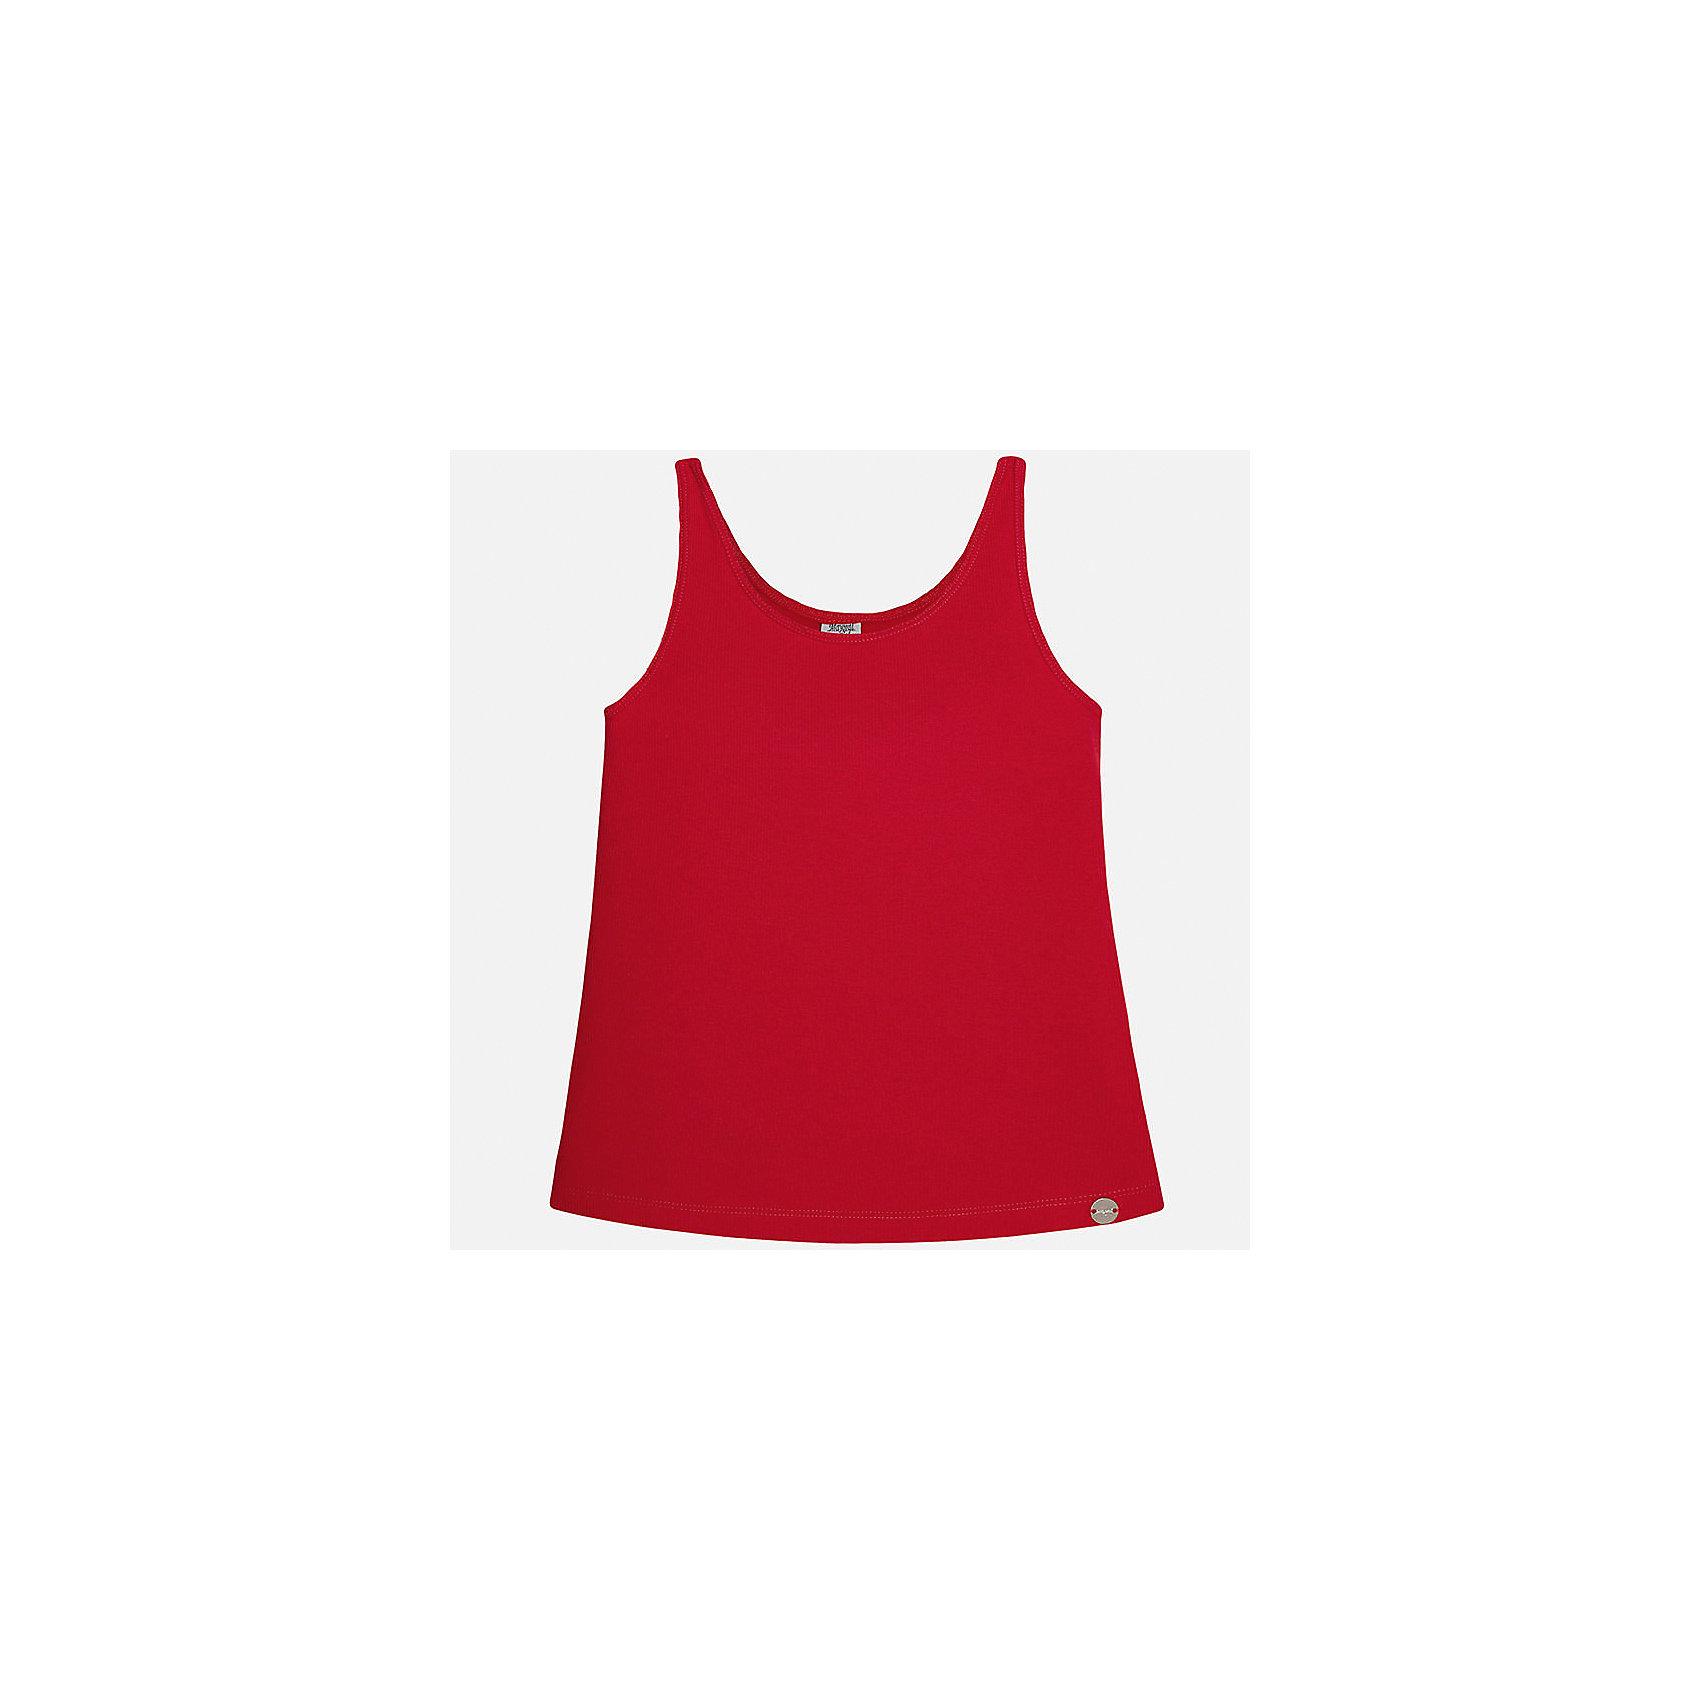 Майка для девочки MayoralФутболки, поло и топы<br>Характеристики товара:<br><br>• цвет: красный<br>• состав: 57% хлопок, 38% полиэстер, 5% эластан<br>• эластичный материал<br>• логотип<br>• округлый горловой вырез<br>• страна бренда: Испания<br><br>Стильная качественная майка для девочки поможет разнообразить гардероб ребенка и украсить наряд. Она отлично сочетается и с юбками, и с шортами, и с брюками. Яркий цвет позволяет подобрать к вещи низ практически любой расцветки. В составе материала - натуральный хлопок, гипоаллергенный, приятный на ощупь, дышащий.<br><br>Одежда, обувь и аксессуары от испанского бренда Mayoral полюбились детям и взрослым по всему миру. Модели этой марки - стильные и удобные. Для их производства используются только безопасные, качественные материалы и фурнитура. Порадуйте ребенка модными и красивыми вещами от Mayoral! <br><br>Майку для девочки от испанского бренда Mayoral (Майорал) можно купить в нашем интернет-магазине.<br><br>Ширина мм: 199<br>Глубина мм: 10<br>Высота мм: 161<br>Вес г: 151<br>Цвет: красный<br>Возраст от месяцев: 108<br>Возраст до месяцев: 120<br>Пол: Женский<br>Возраст: Детский<br>Размер: 140,170,128/134,152,158,164<br>SKU: 5288743